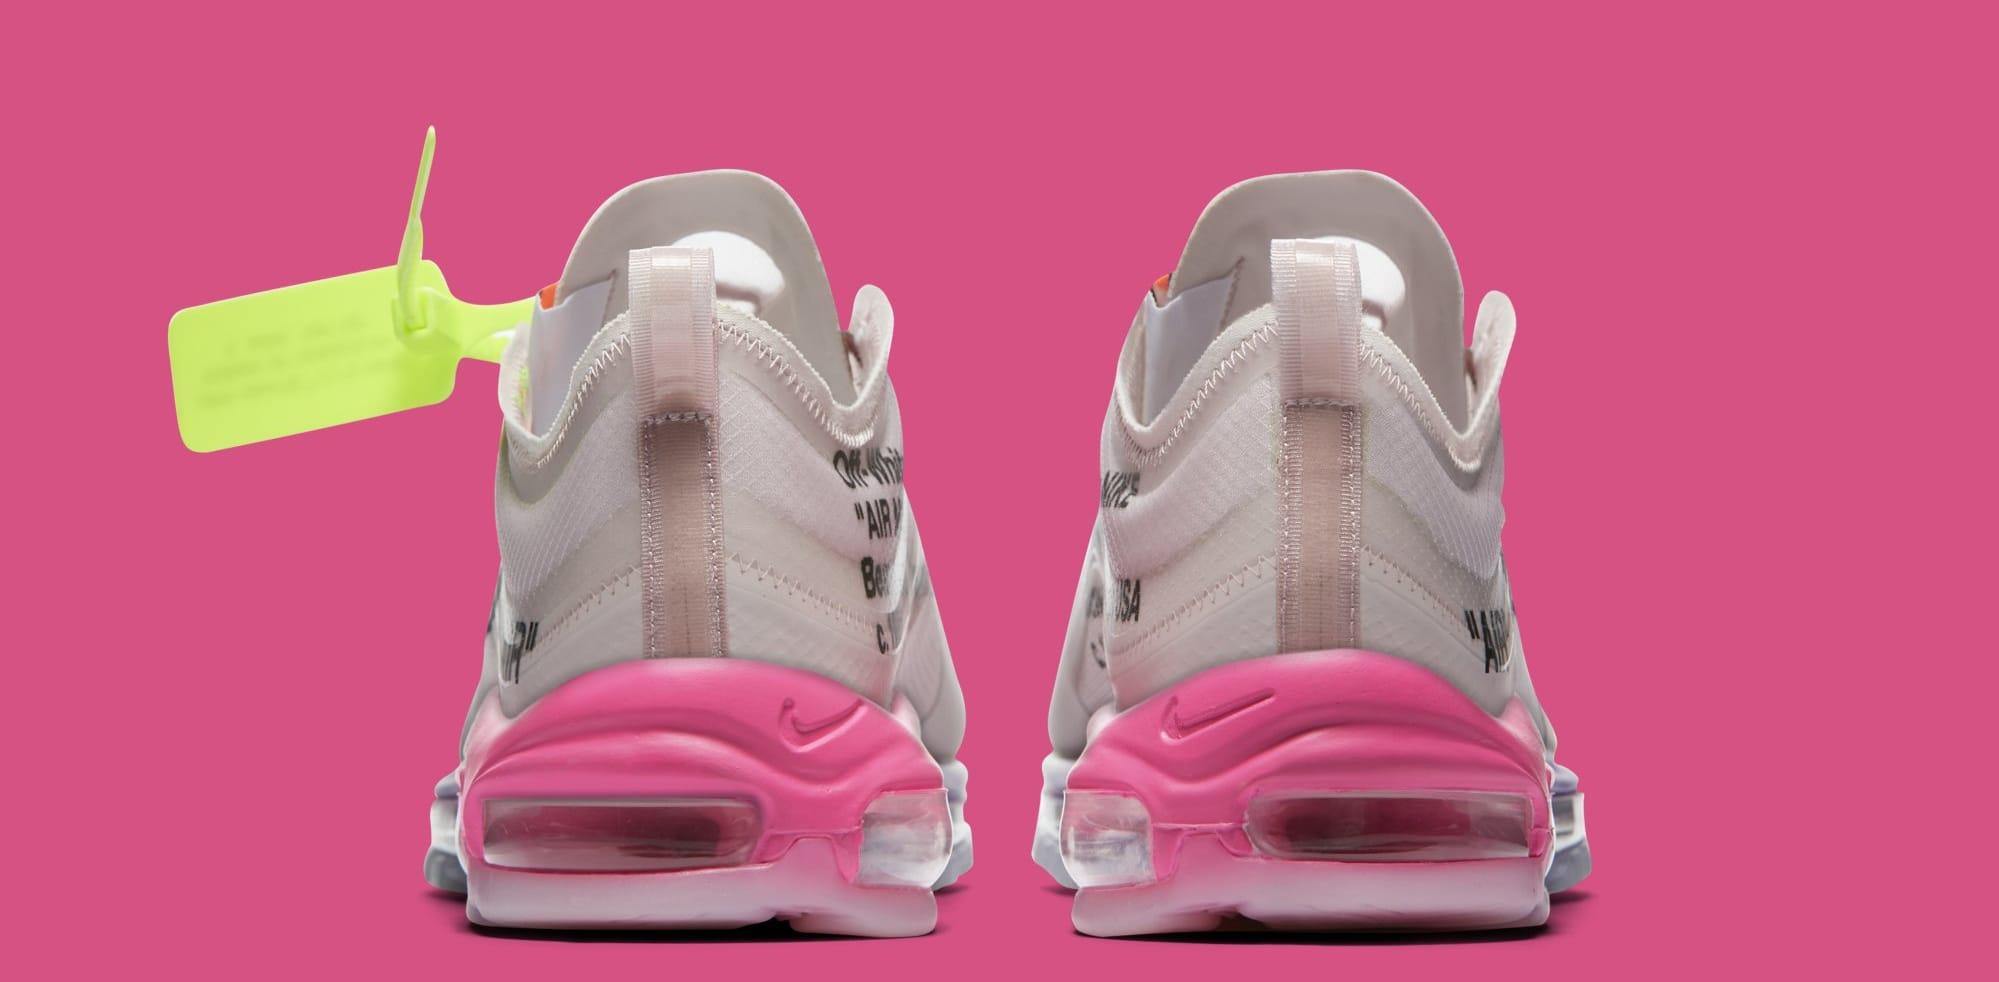 Off White x Nike Air Max 97 Serena Williams 'Queen' AJ4585